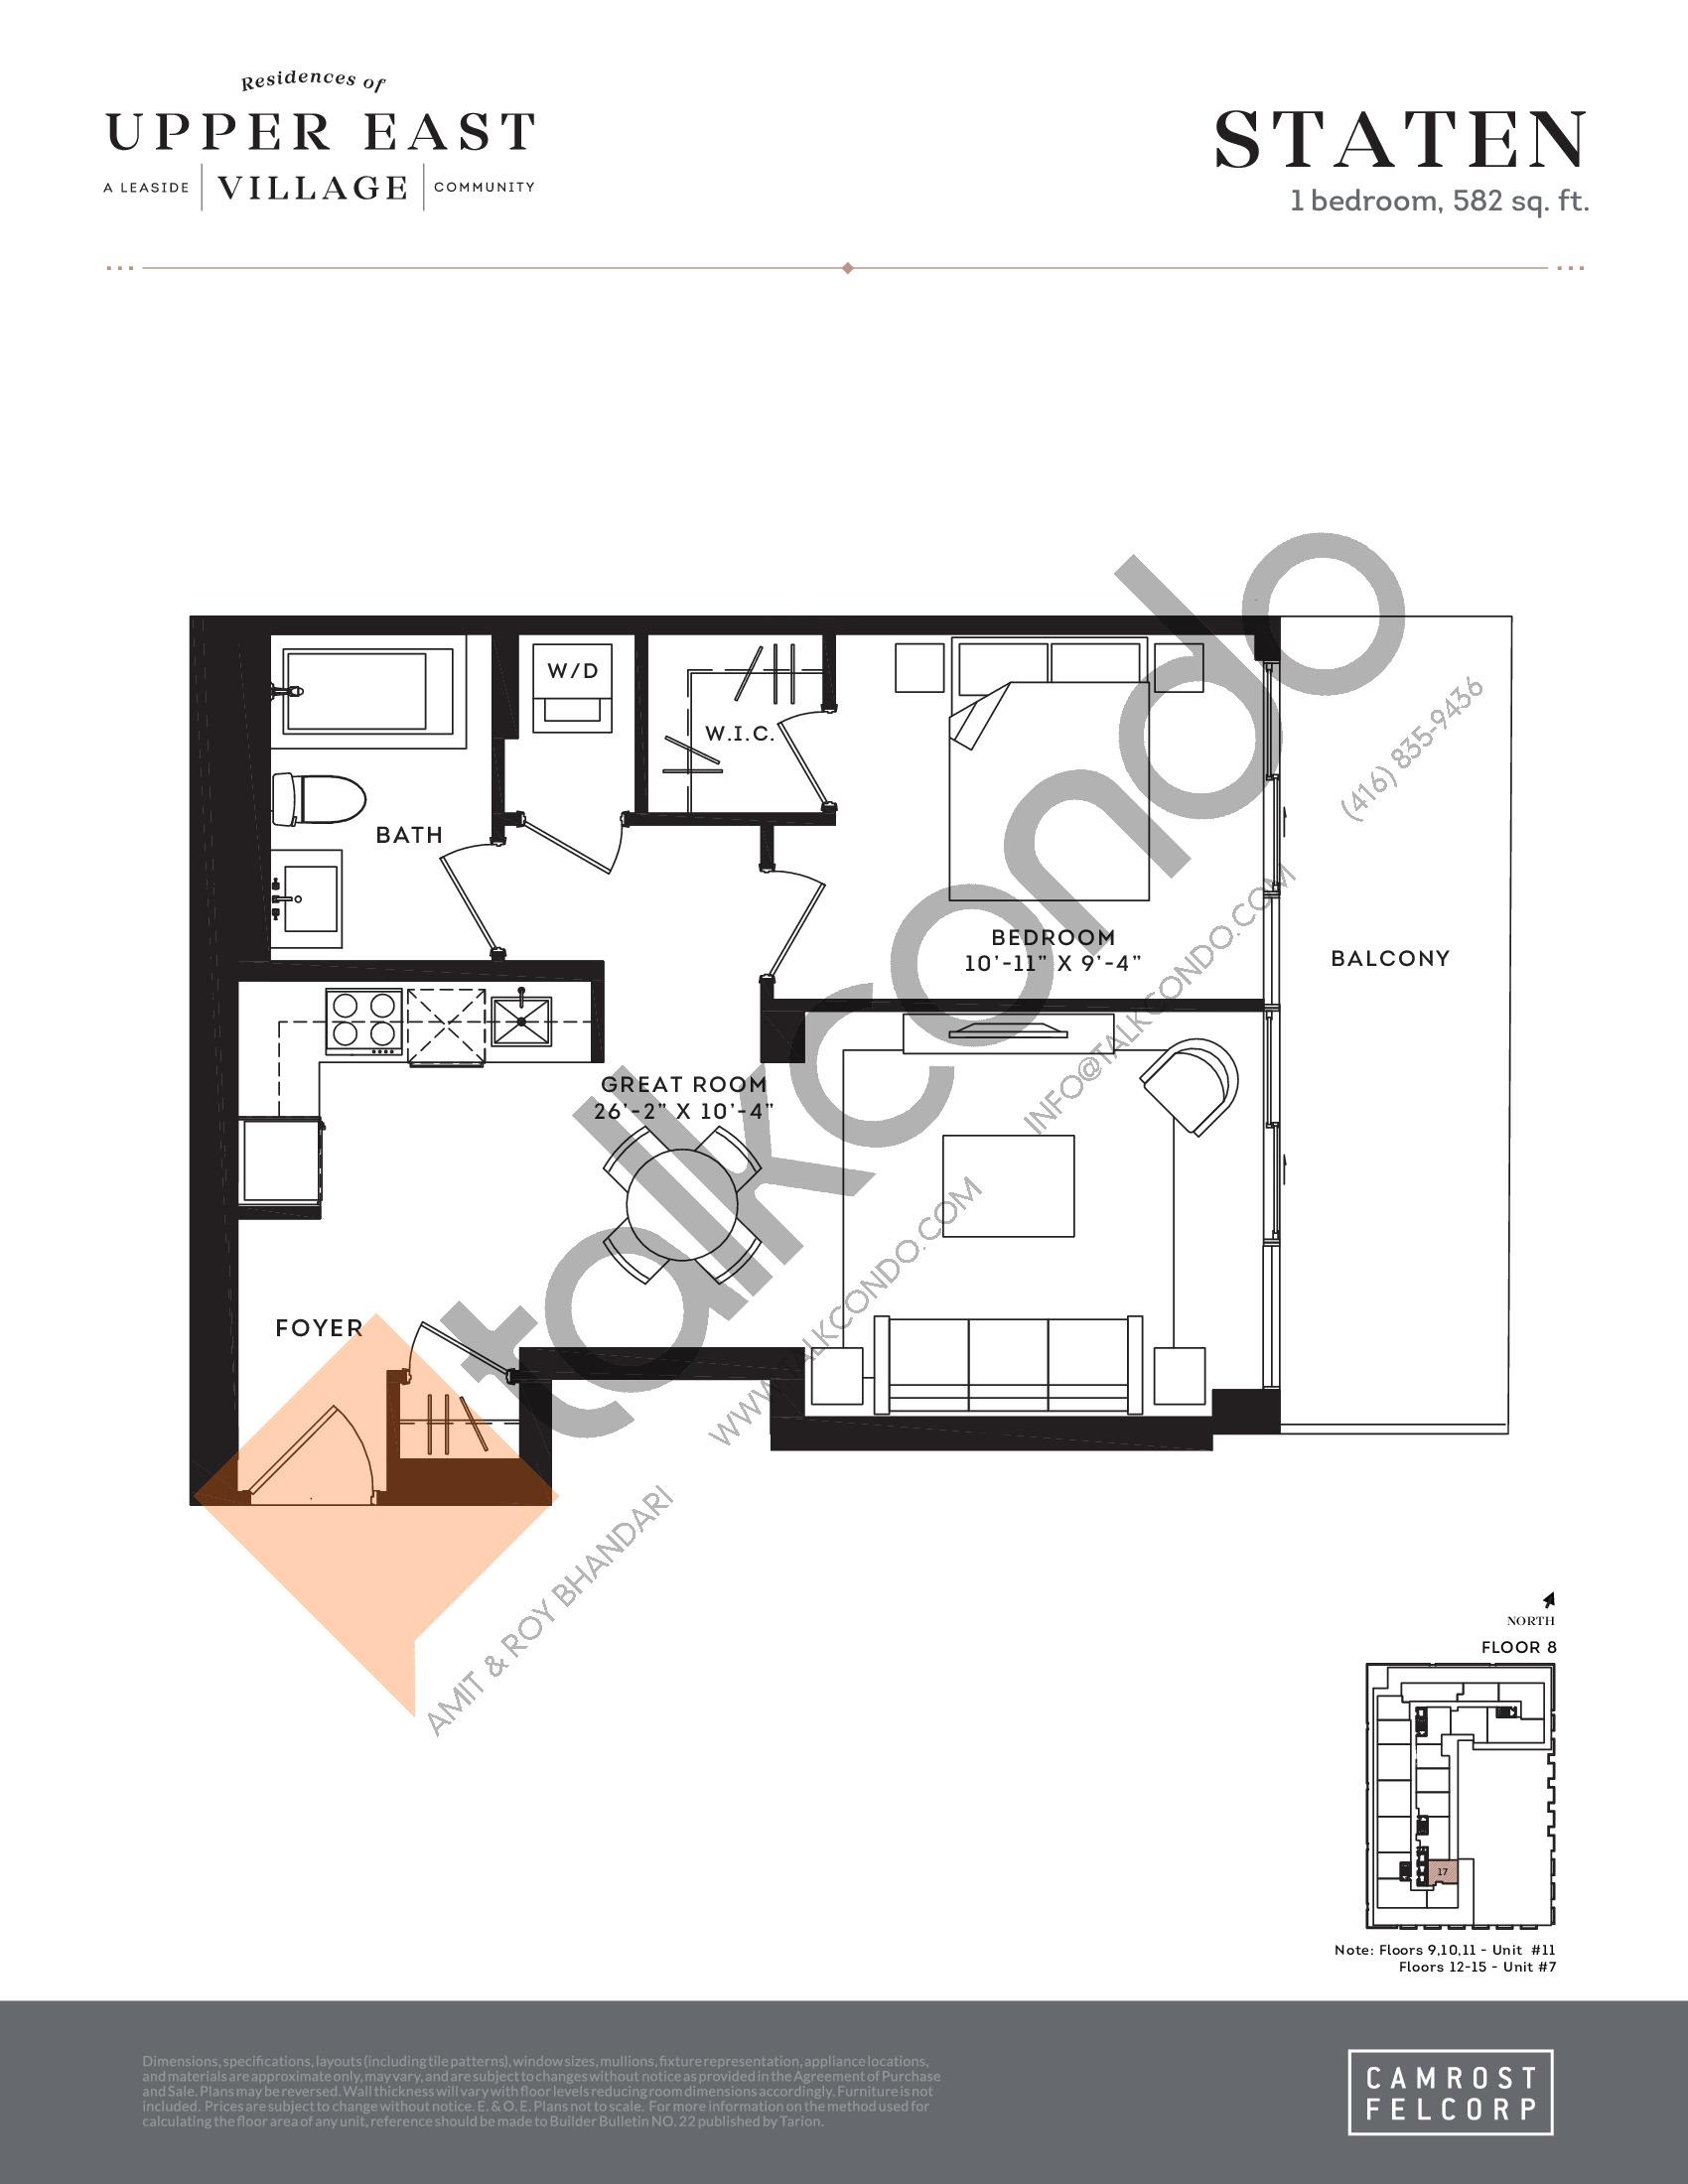 Staten Floor Plan at Upper East Village Condos - 582 sq.ft